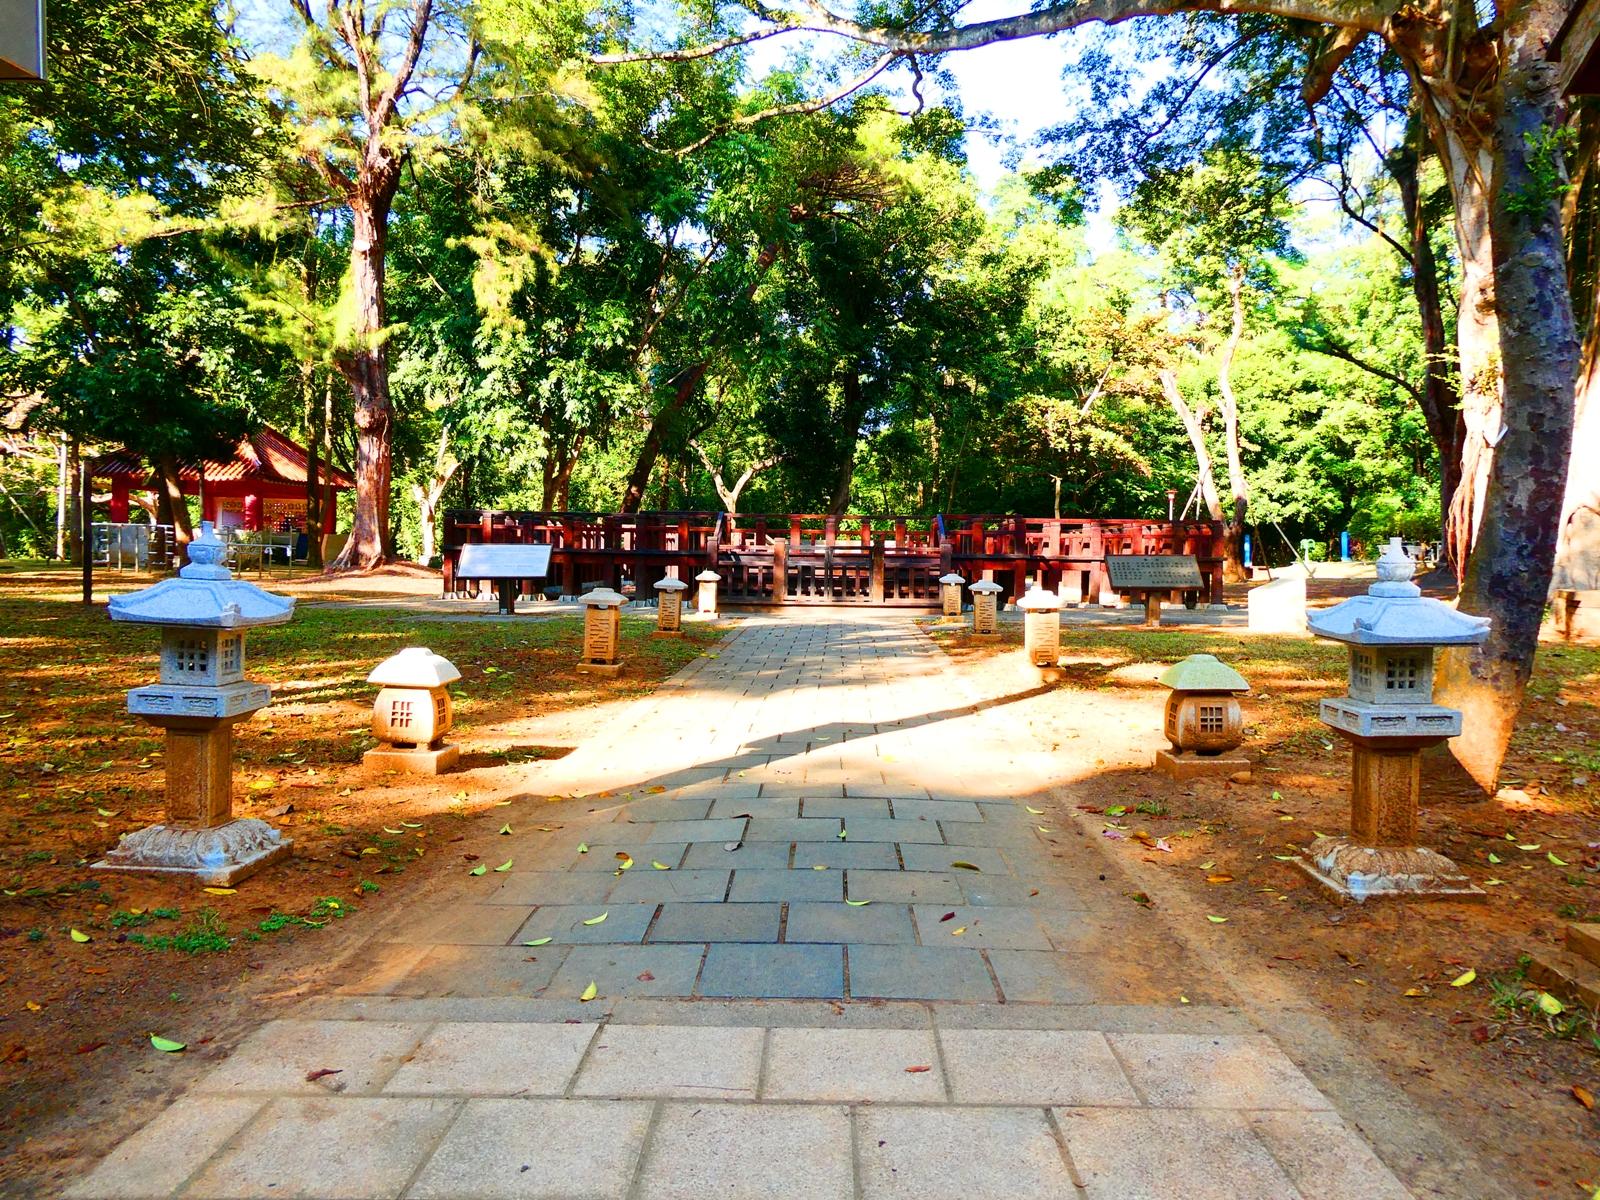 第一代嘉義神社遺跡 | 石參道 | 石燈籠 | 保存良好 | 日本黑松 | 嘉義公園 | RoundtripJp